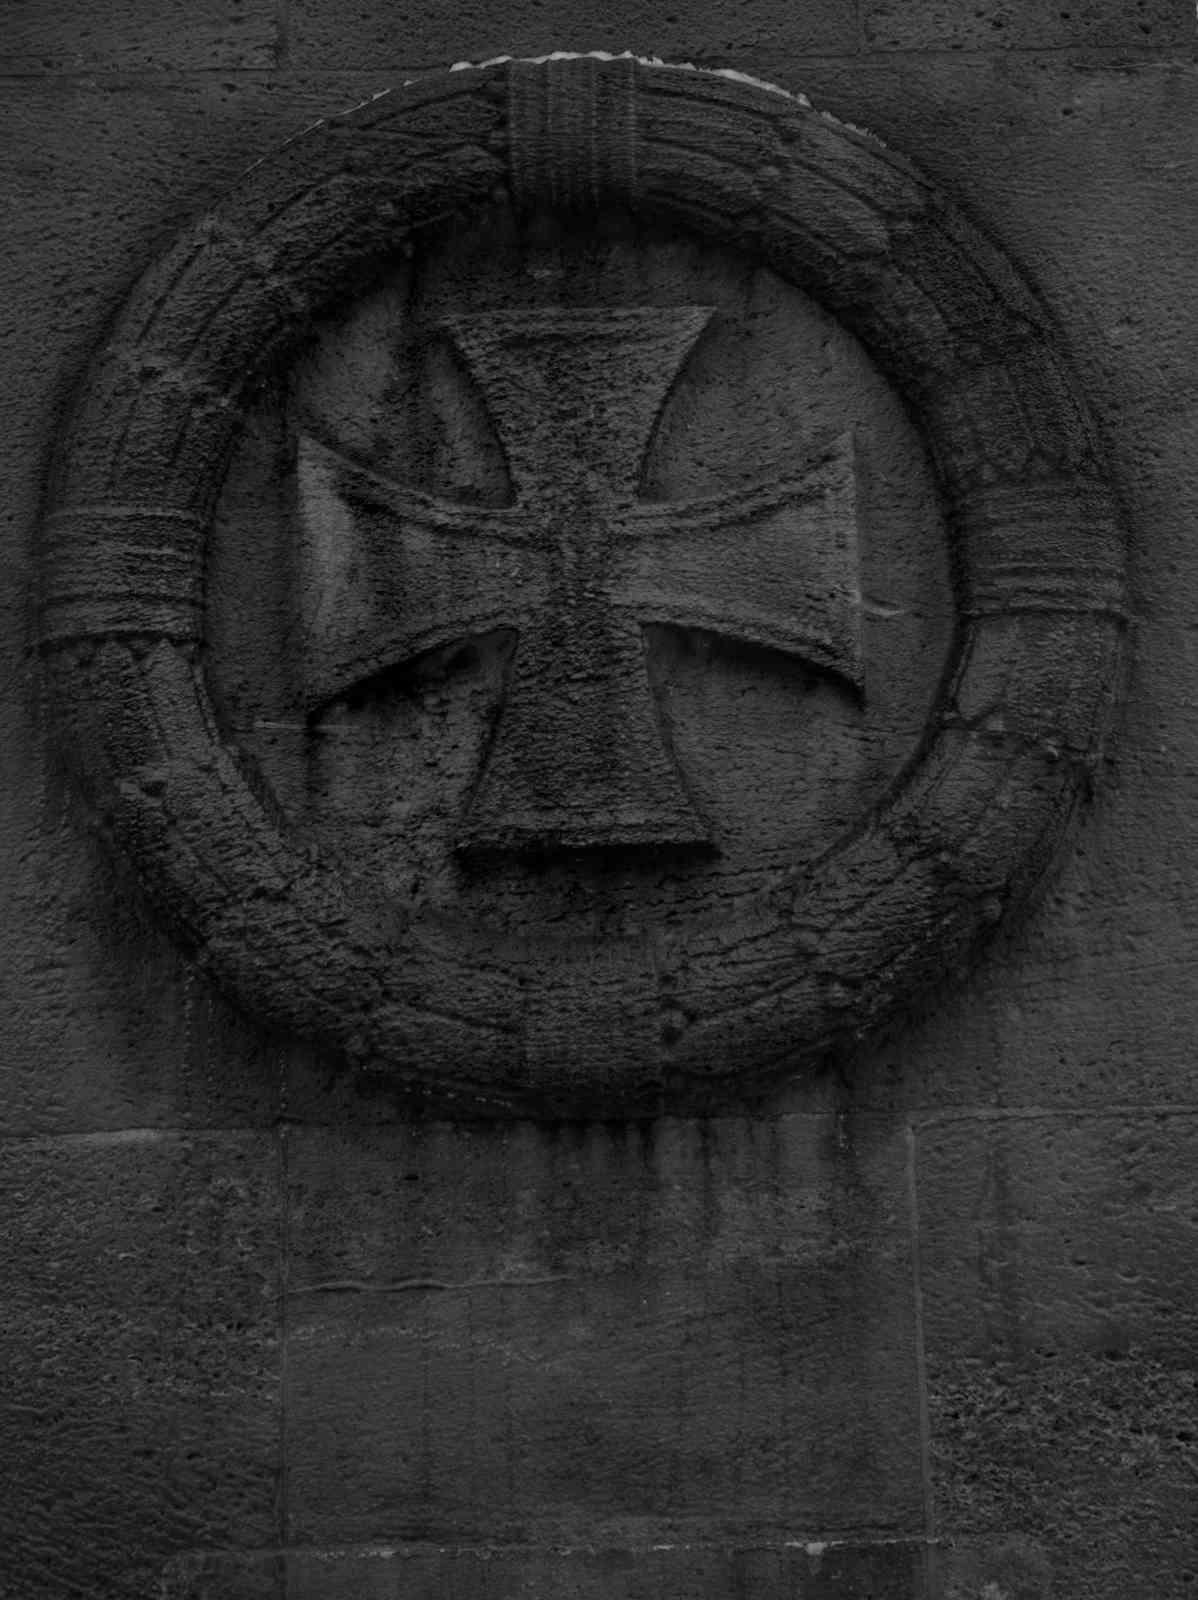 Ehrenfriedhof Königshöhe - Am Obelisk